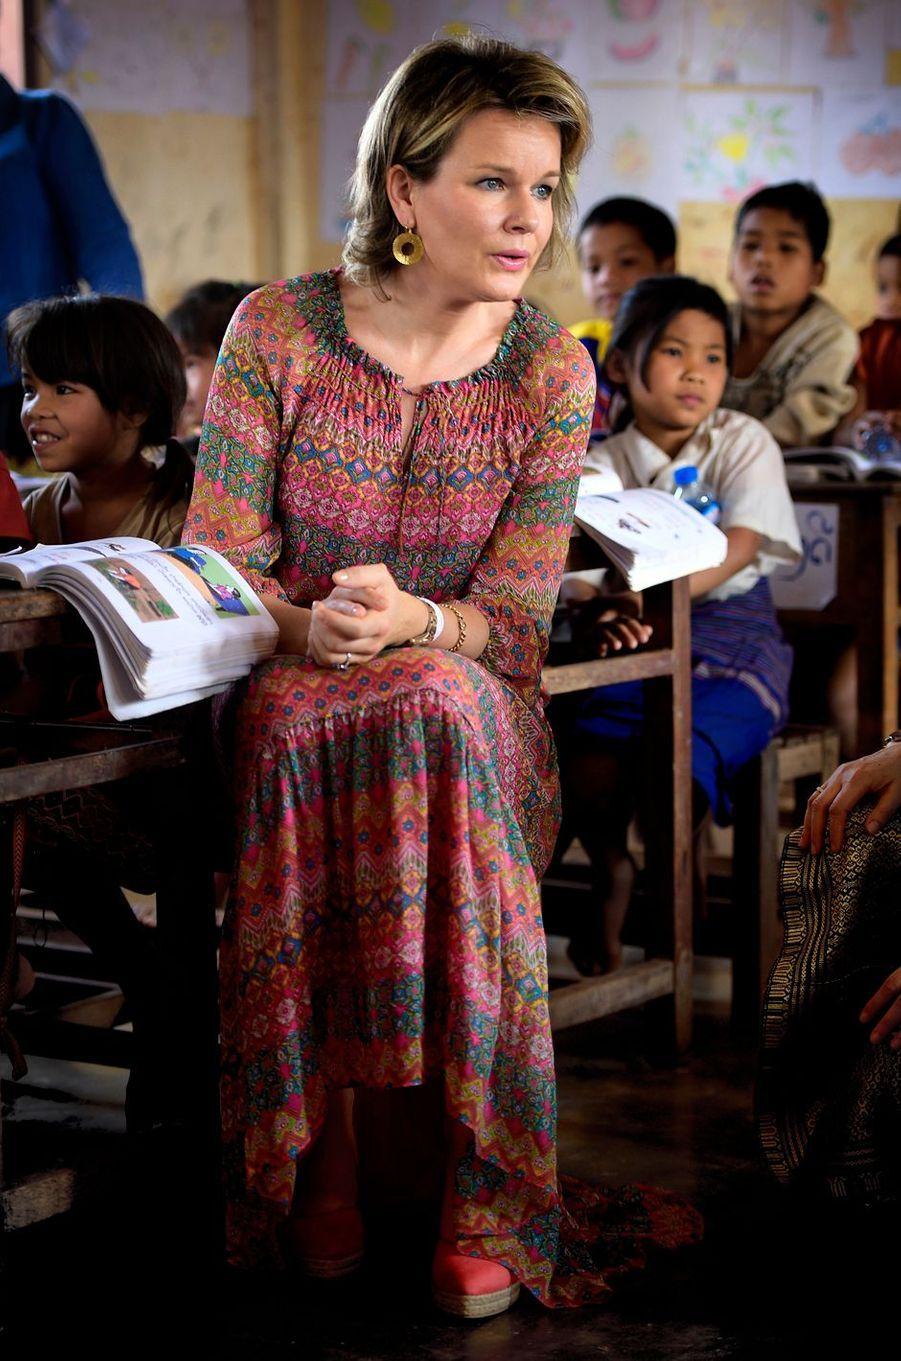 La reine Mathilde de Belgique au Laos, le 22 février 2017